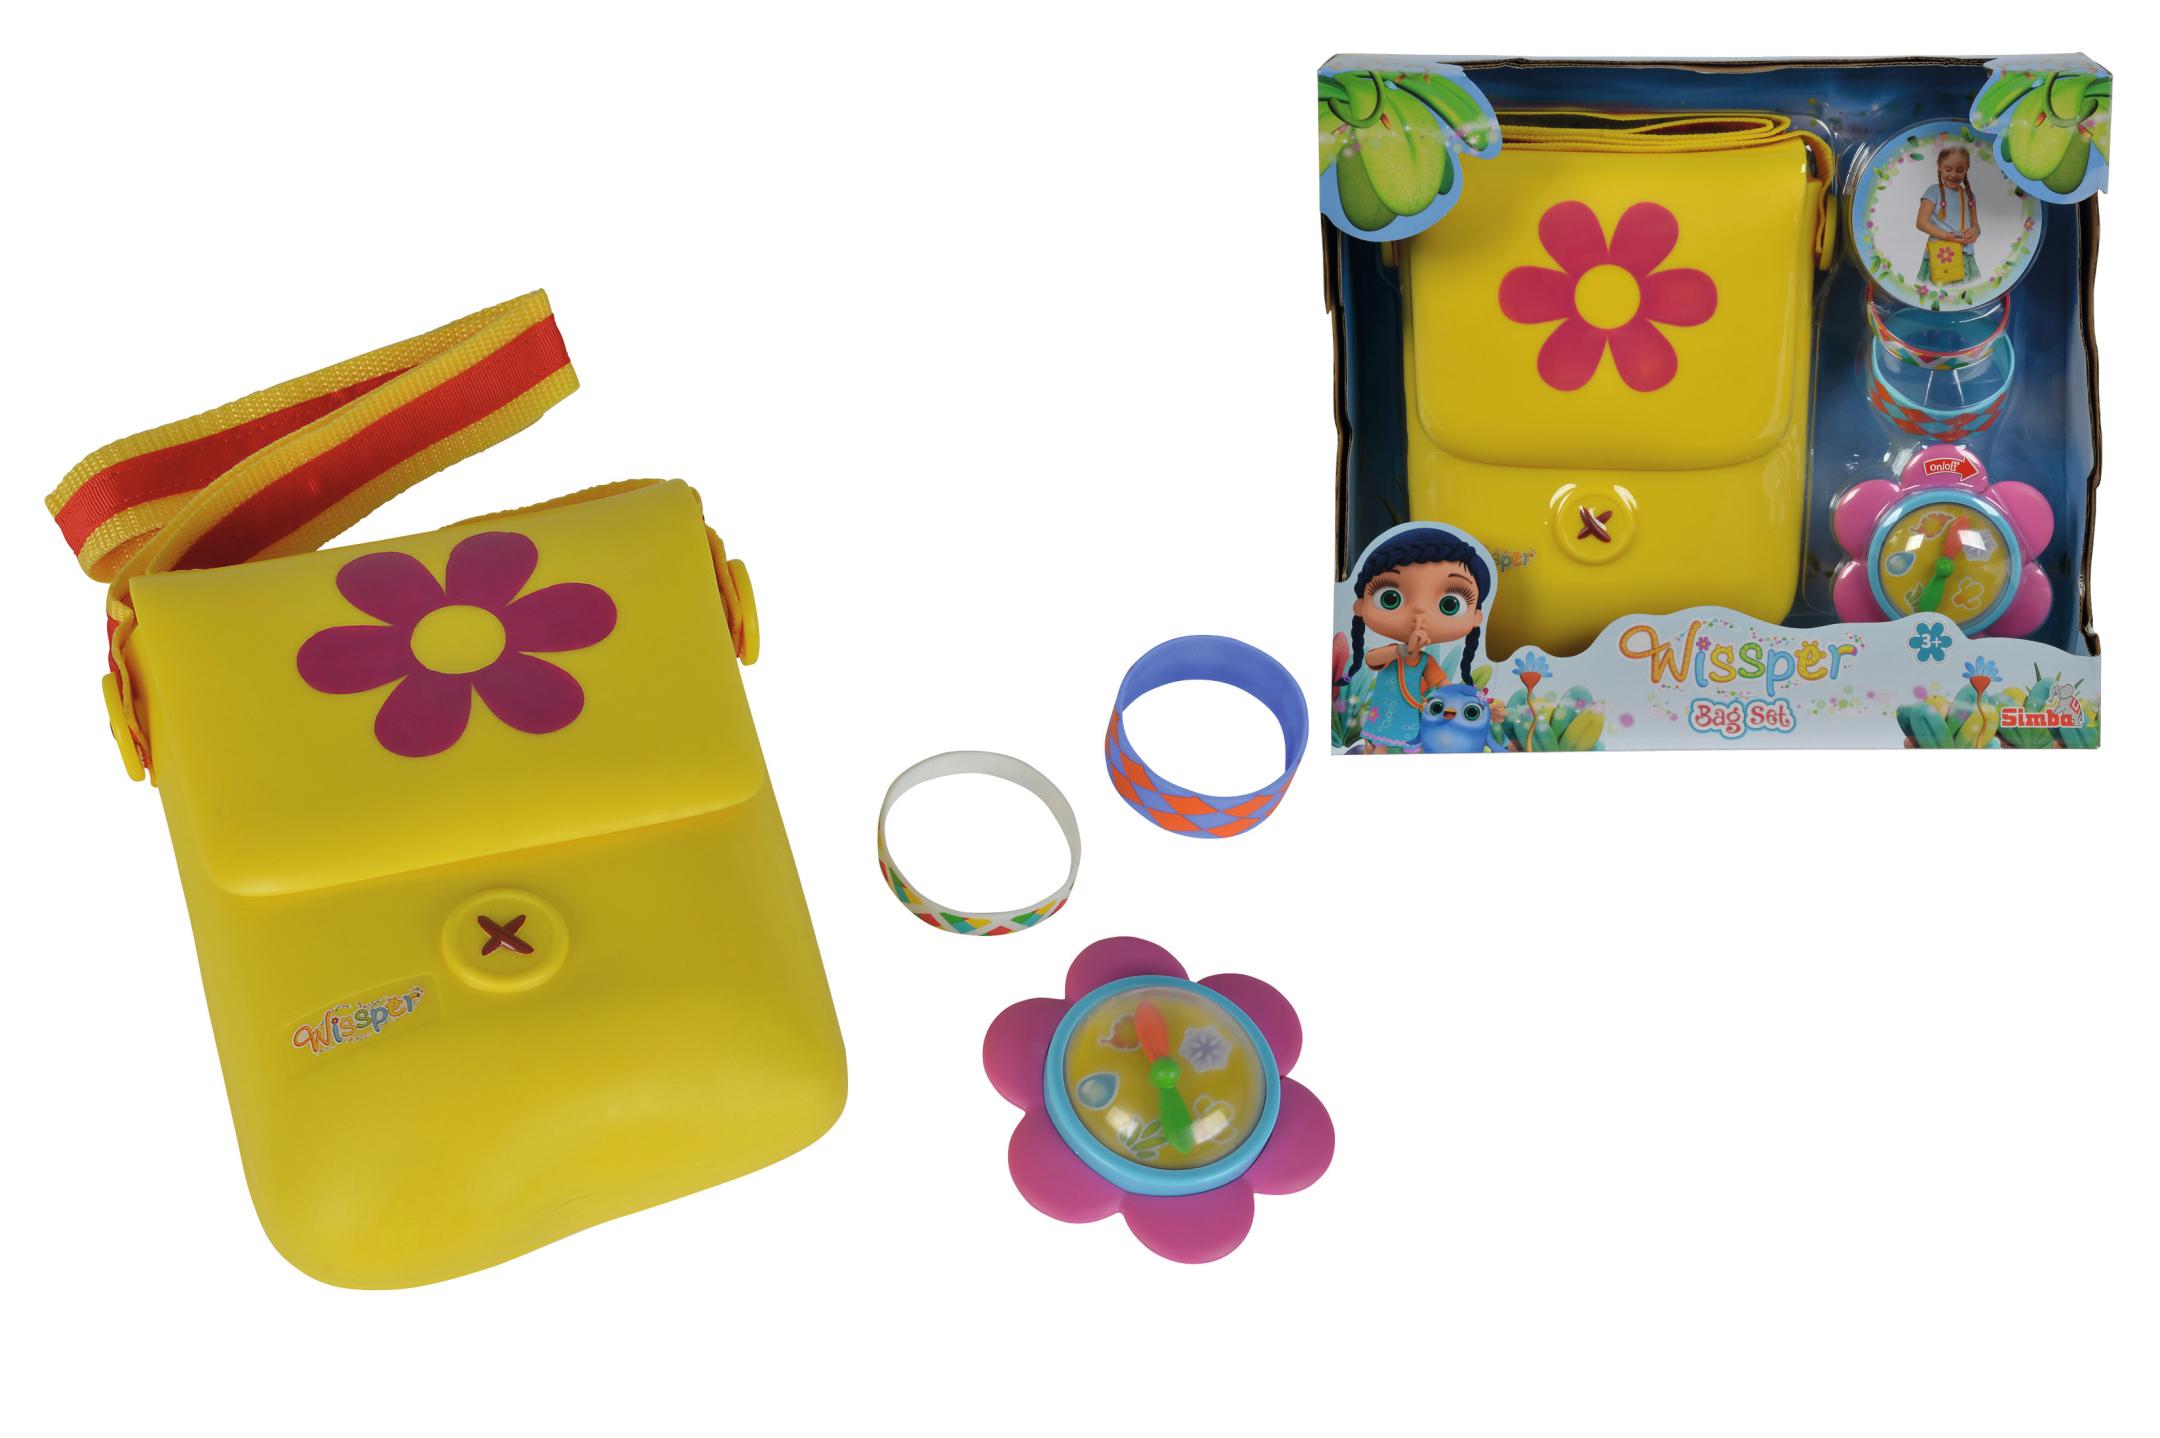 Wissper Taschen Set